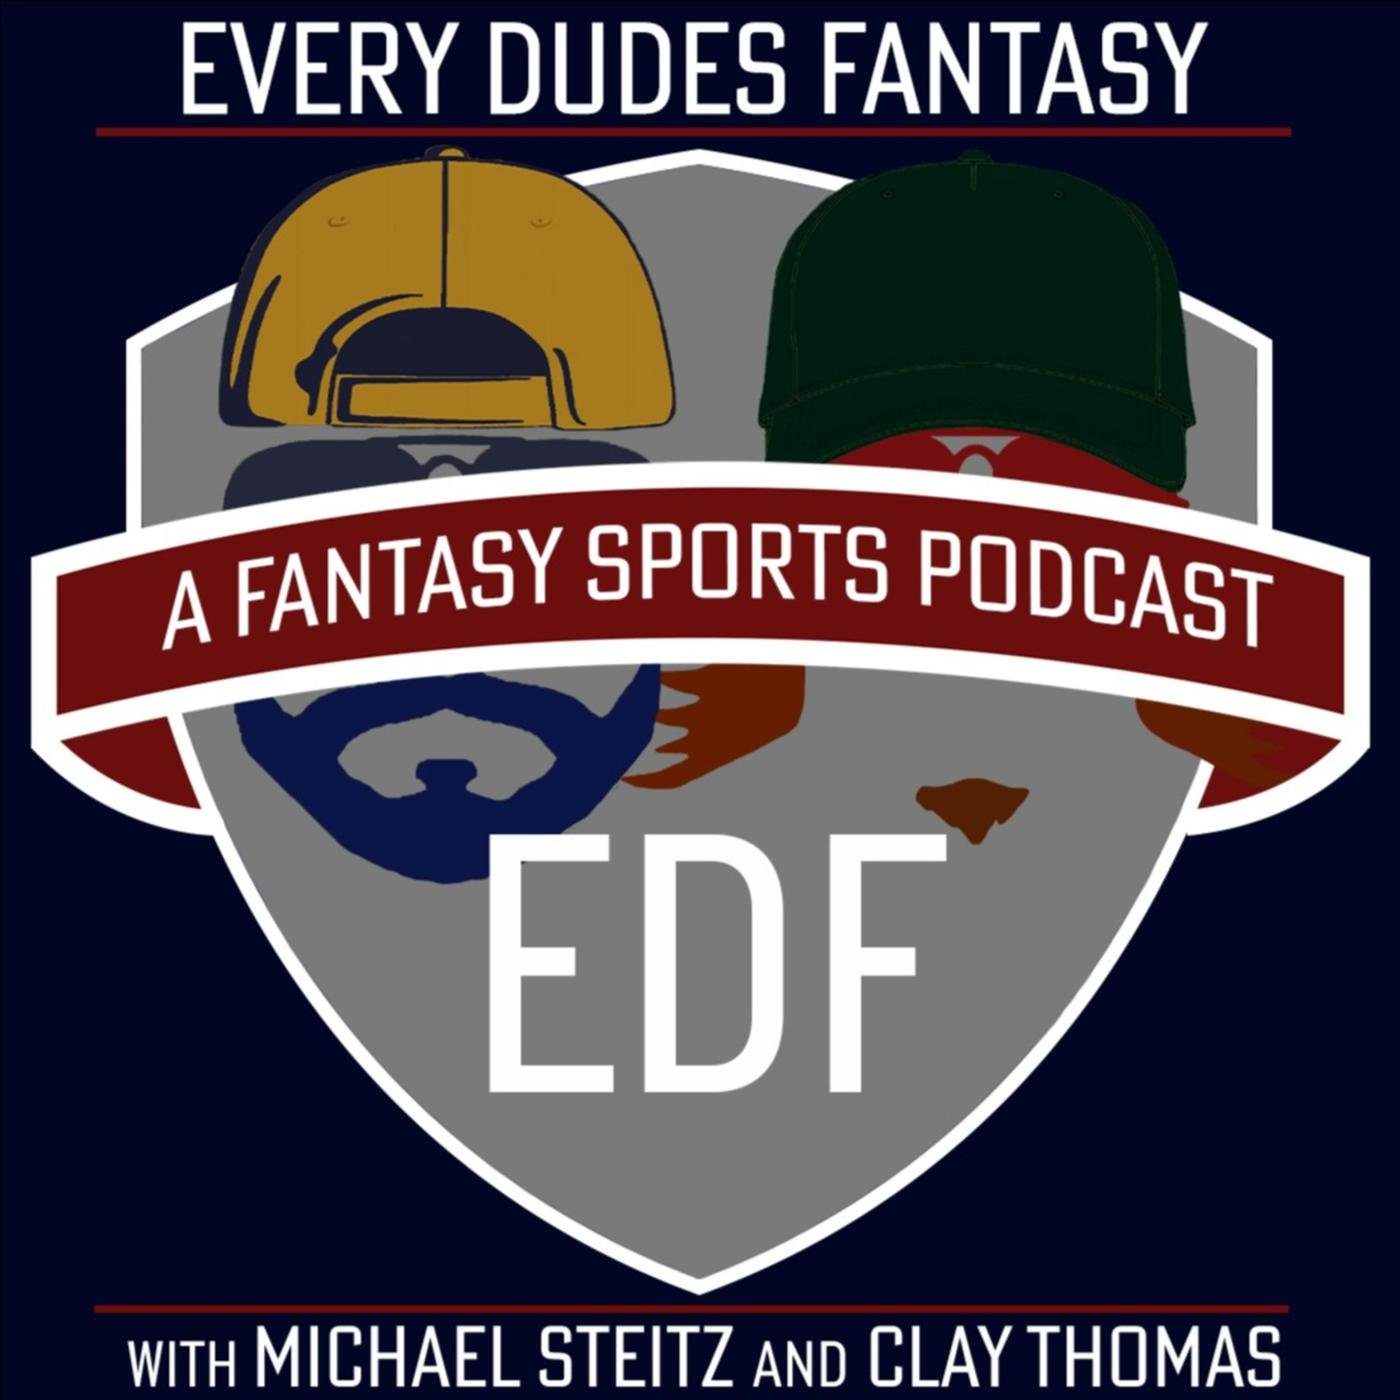 Each dude's fantasy